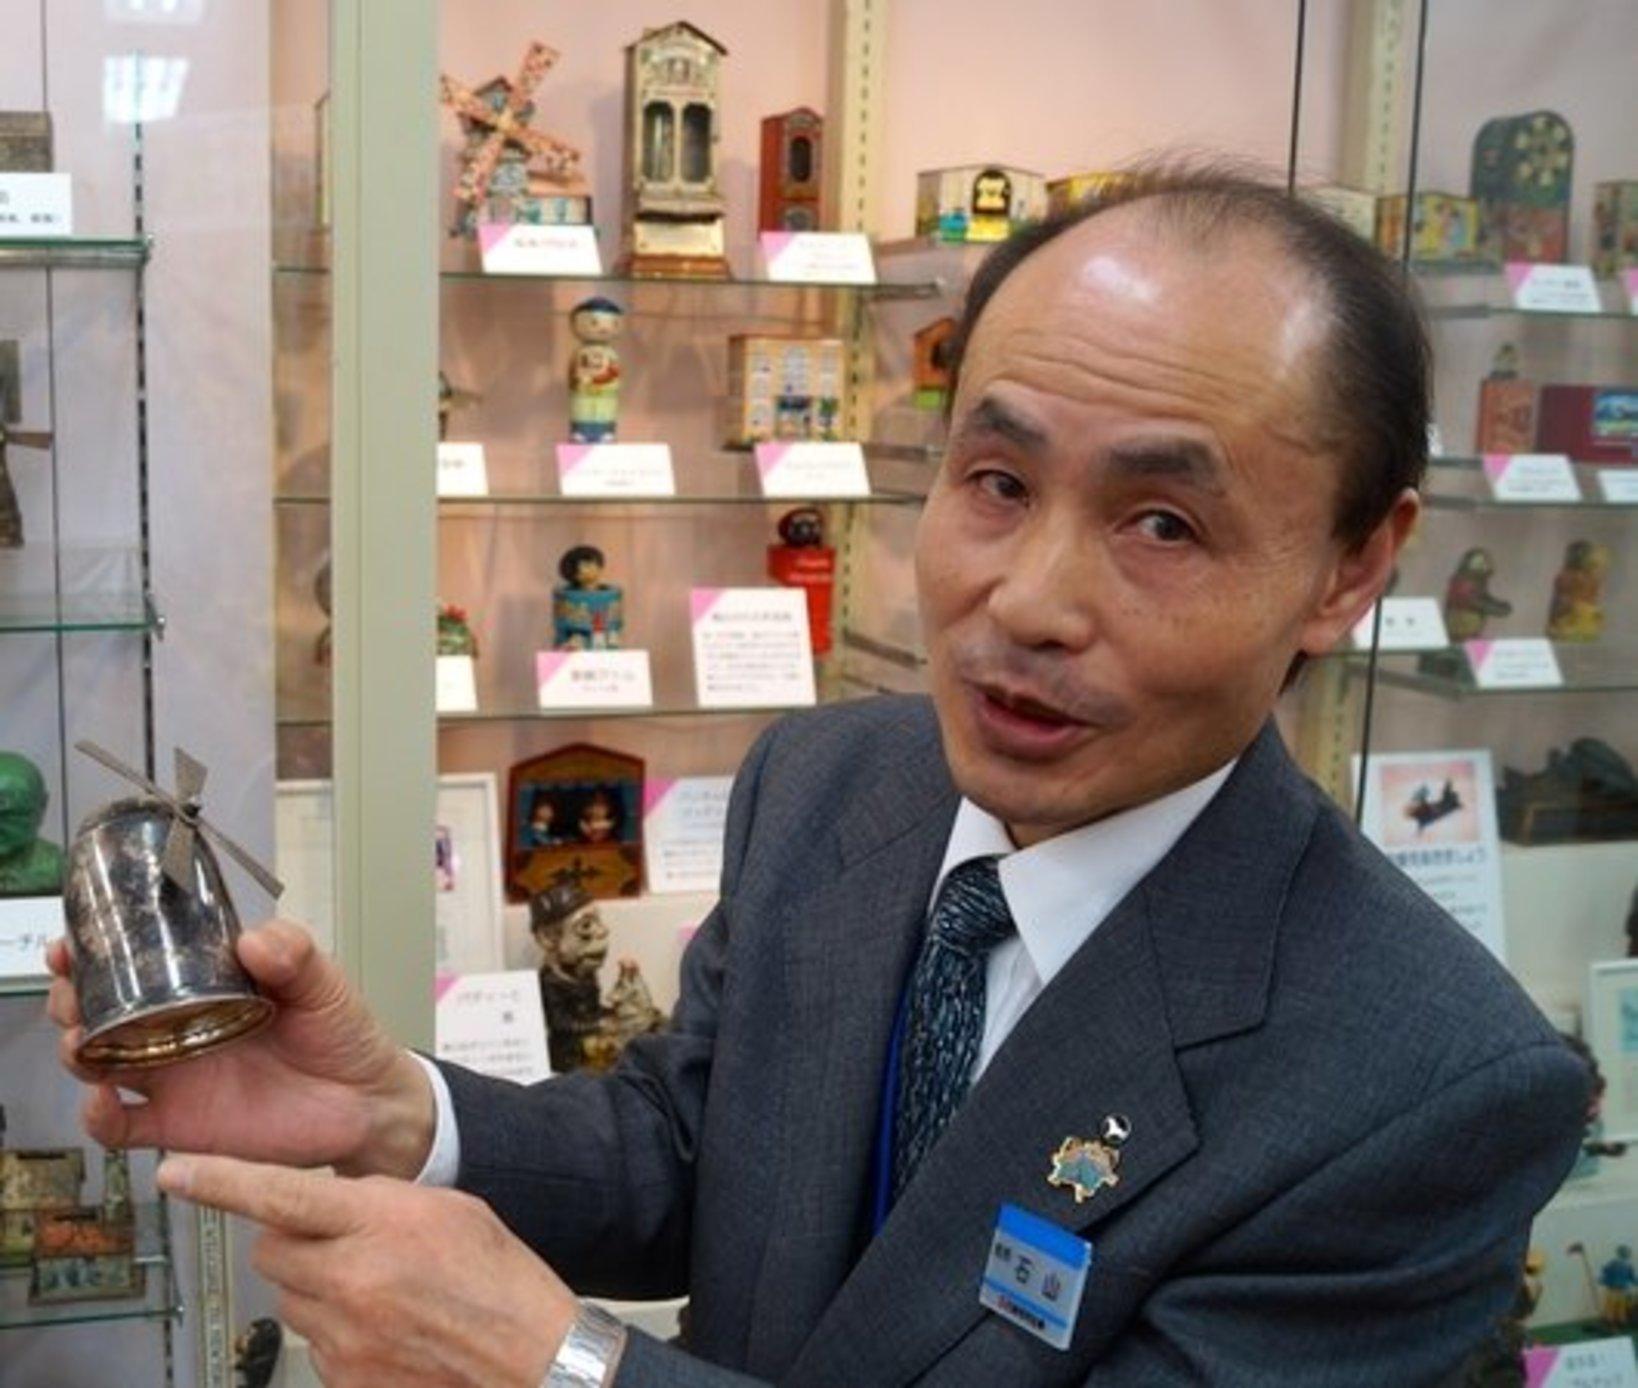 館長の石山さん。貯金箱に関して、とても丁寧に説明をして下さいました